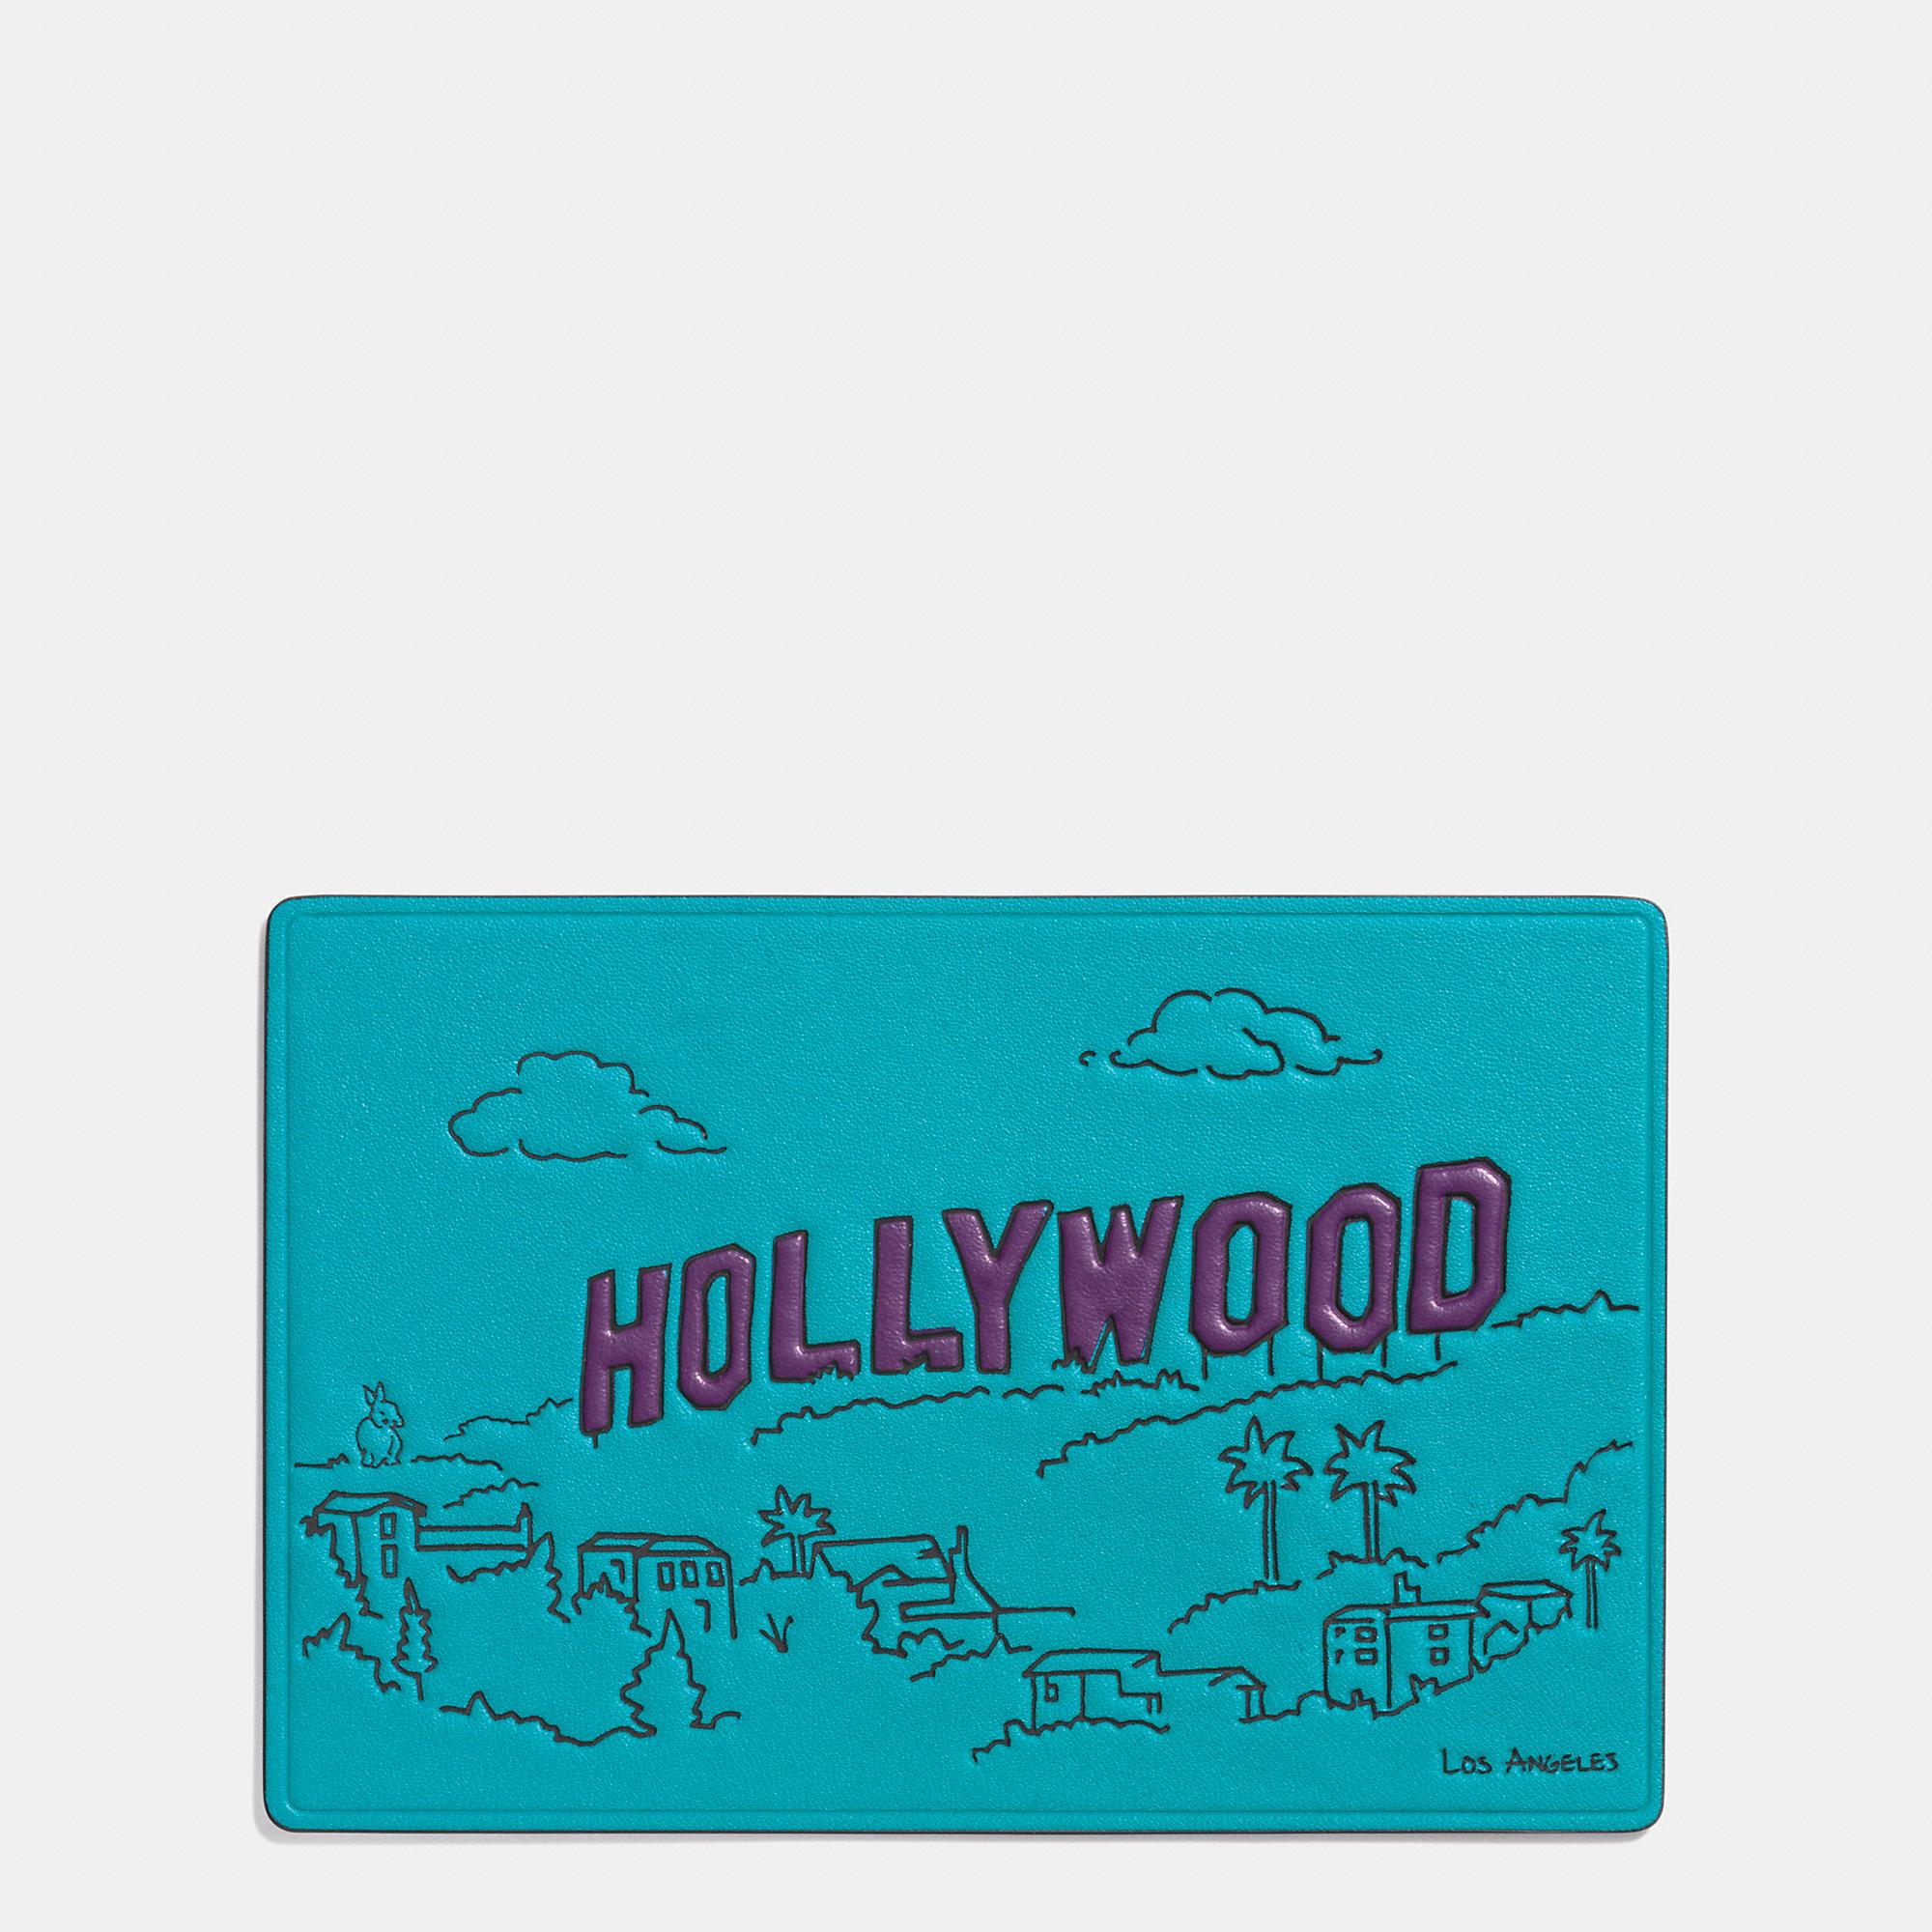 Coach Los Angeles Postcard